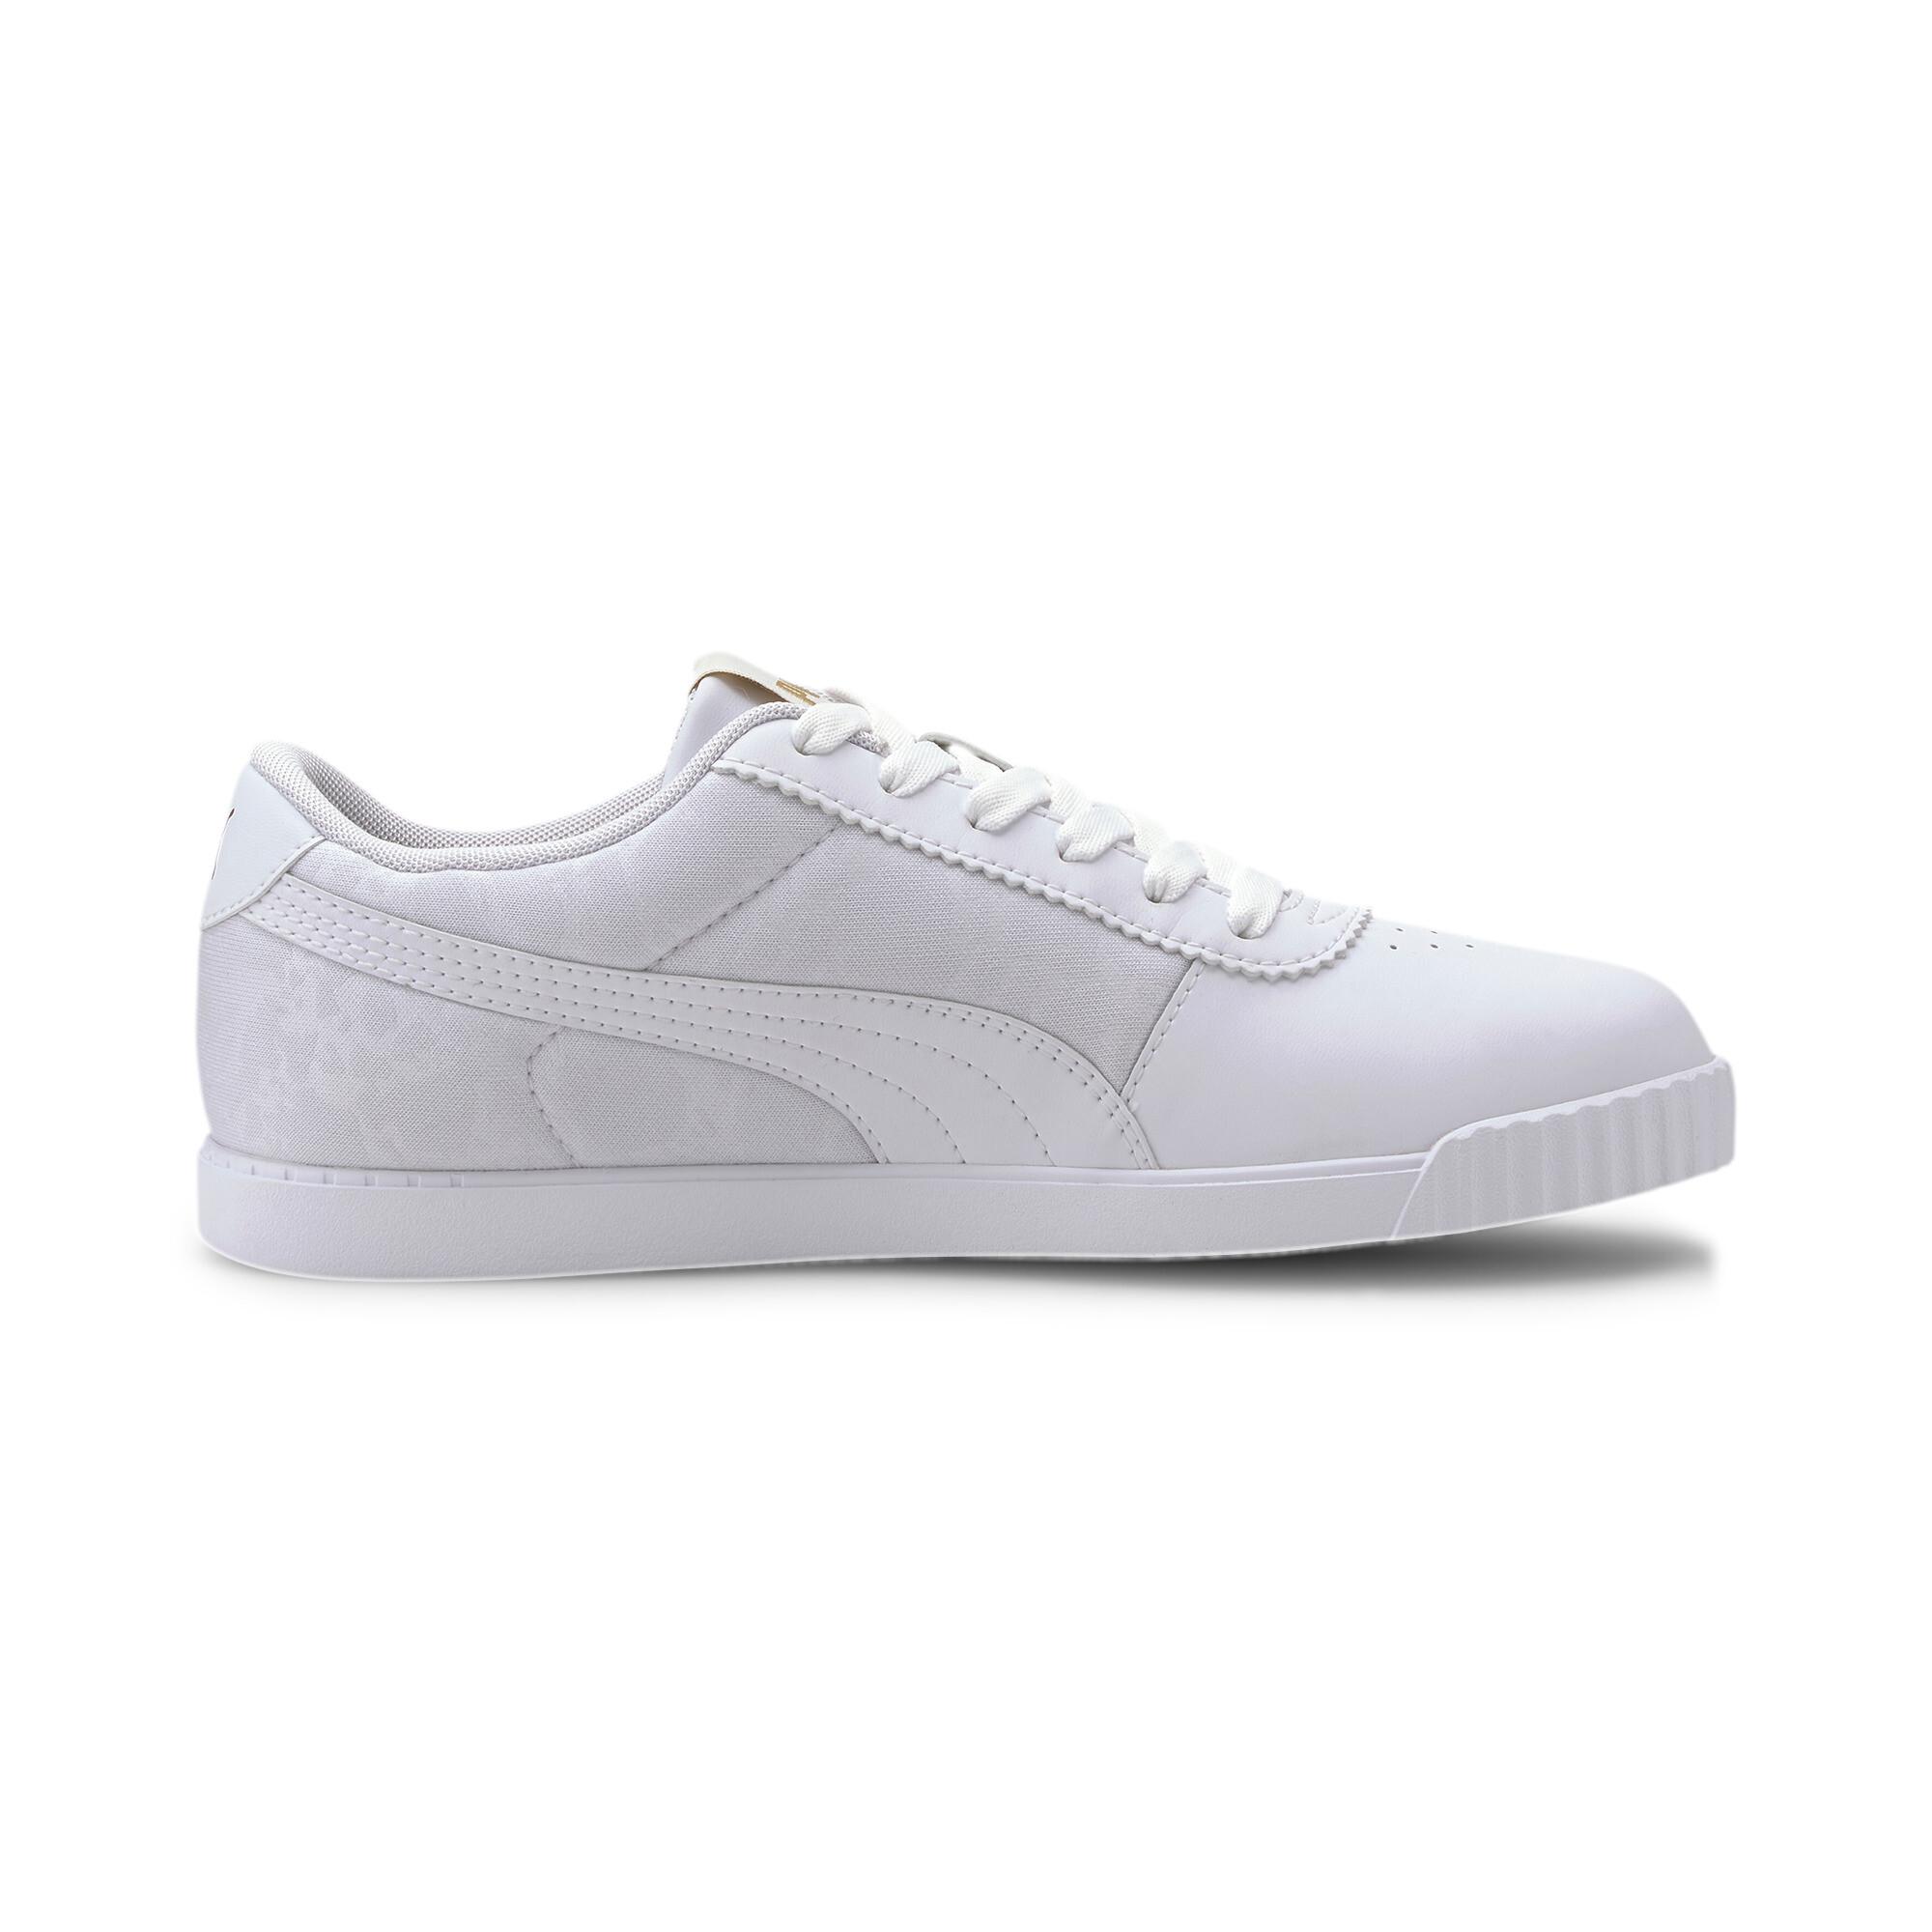 PUMA-Women-039-s-Carina-Slim-Veil-Sneakers thumbnail 7